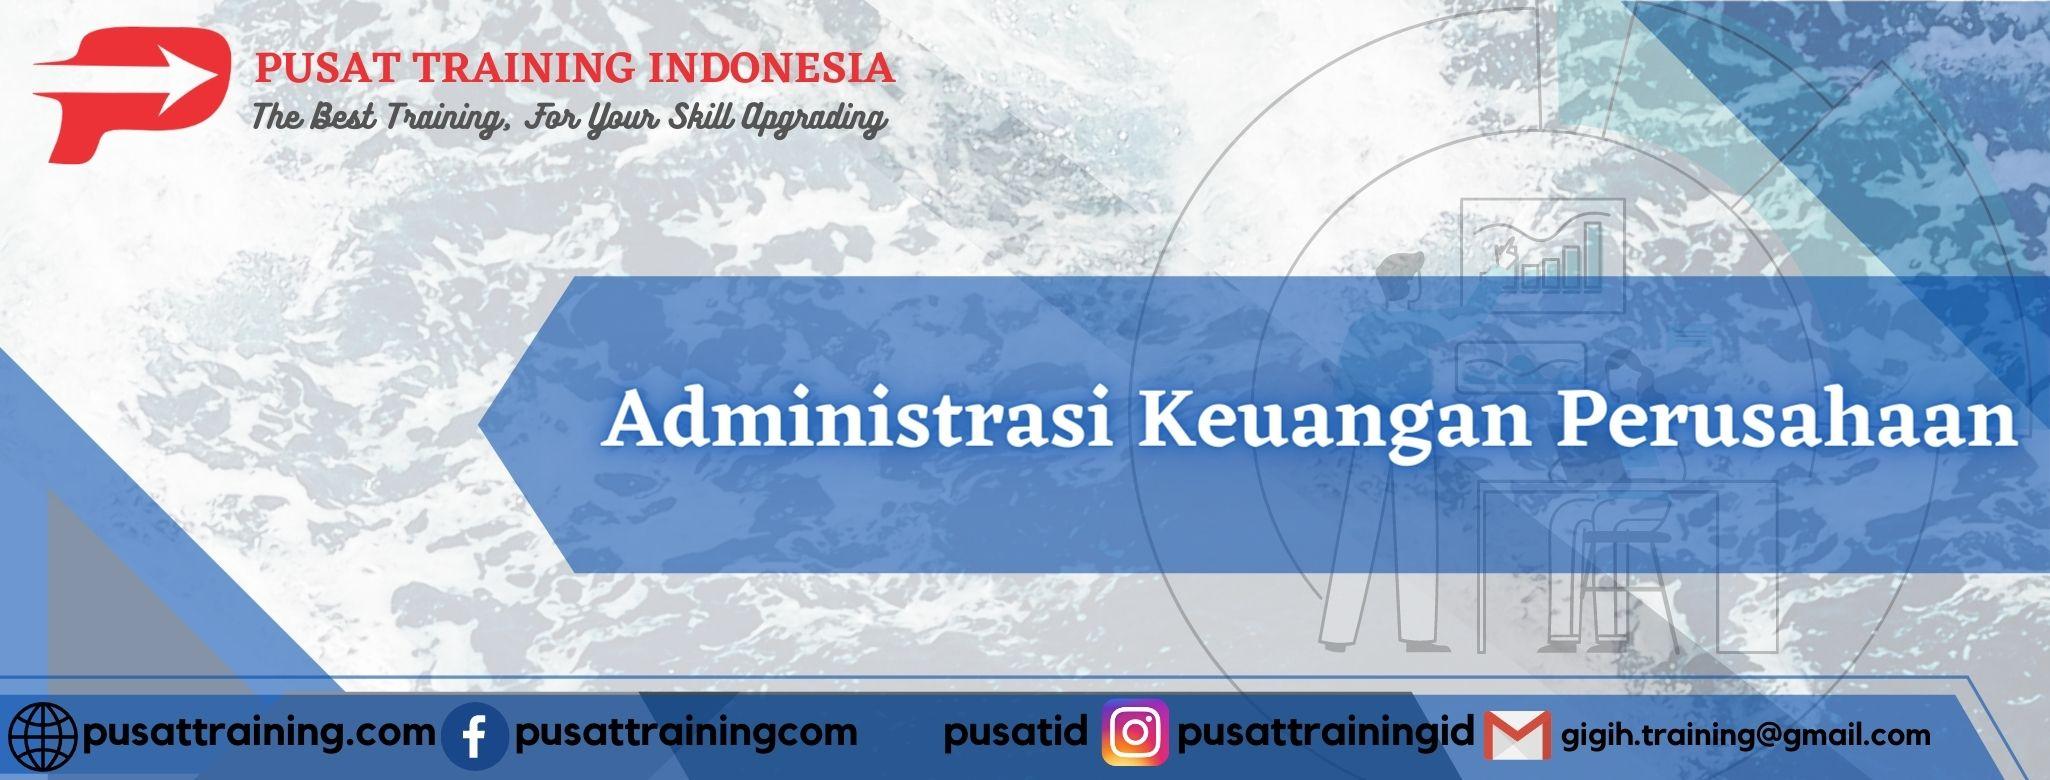 Administrasi-Keuangan-Perusahaan